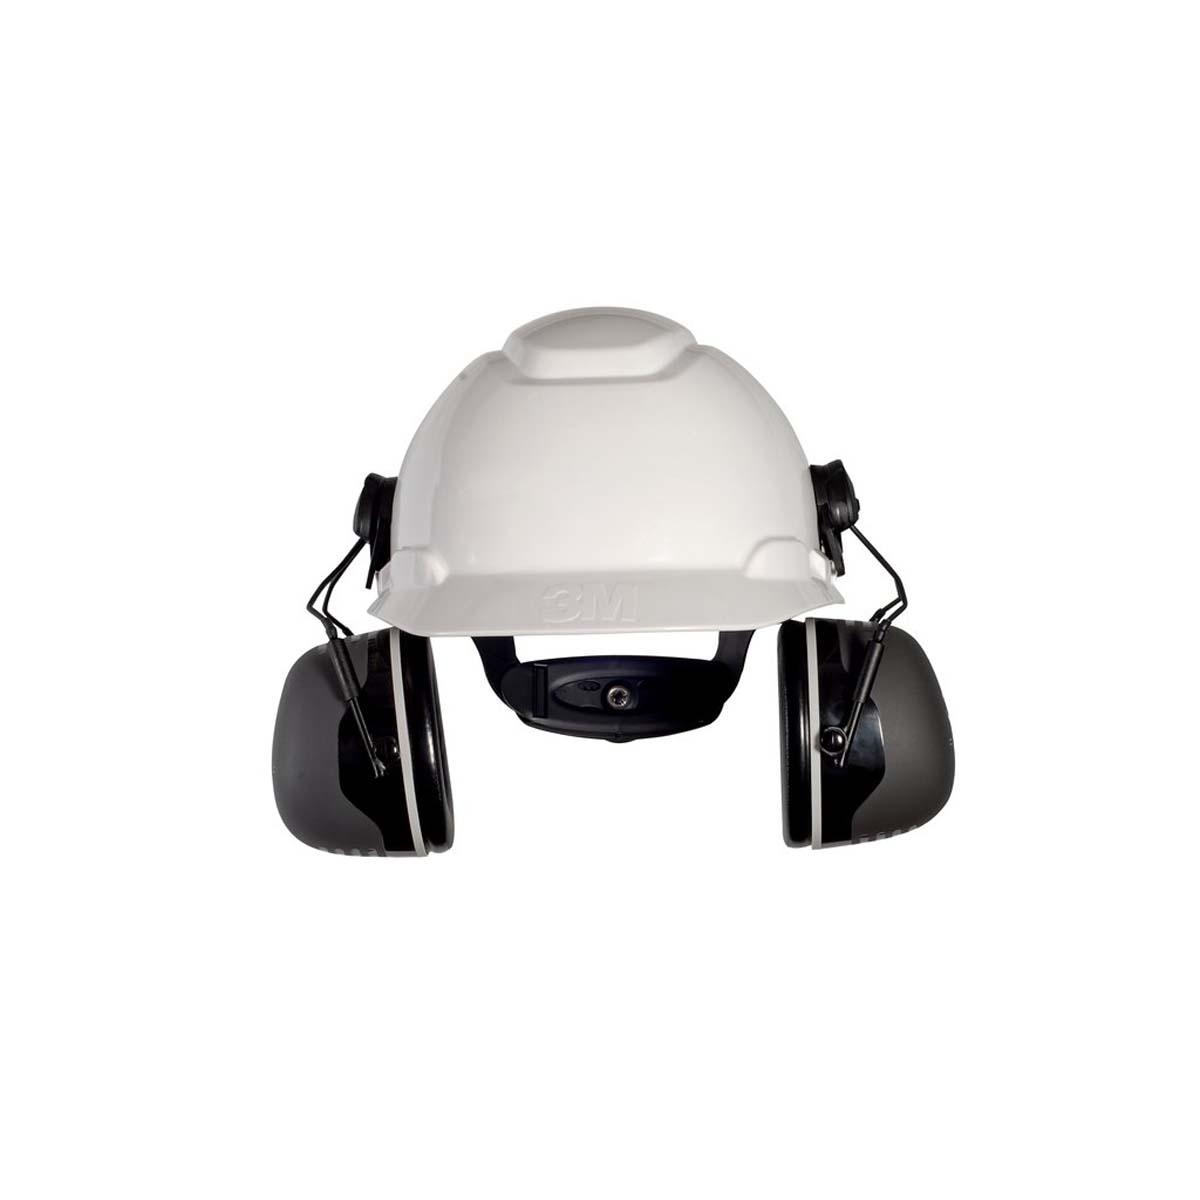 3M PELTOR Cap-Mount Earmuffs X5P3E/37279(AAD) 10 EA/Case